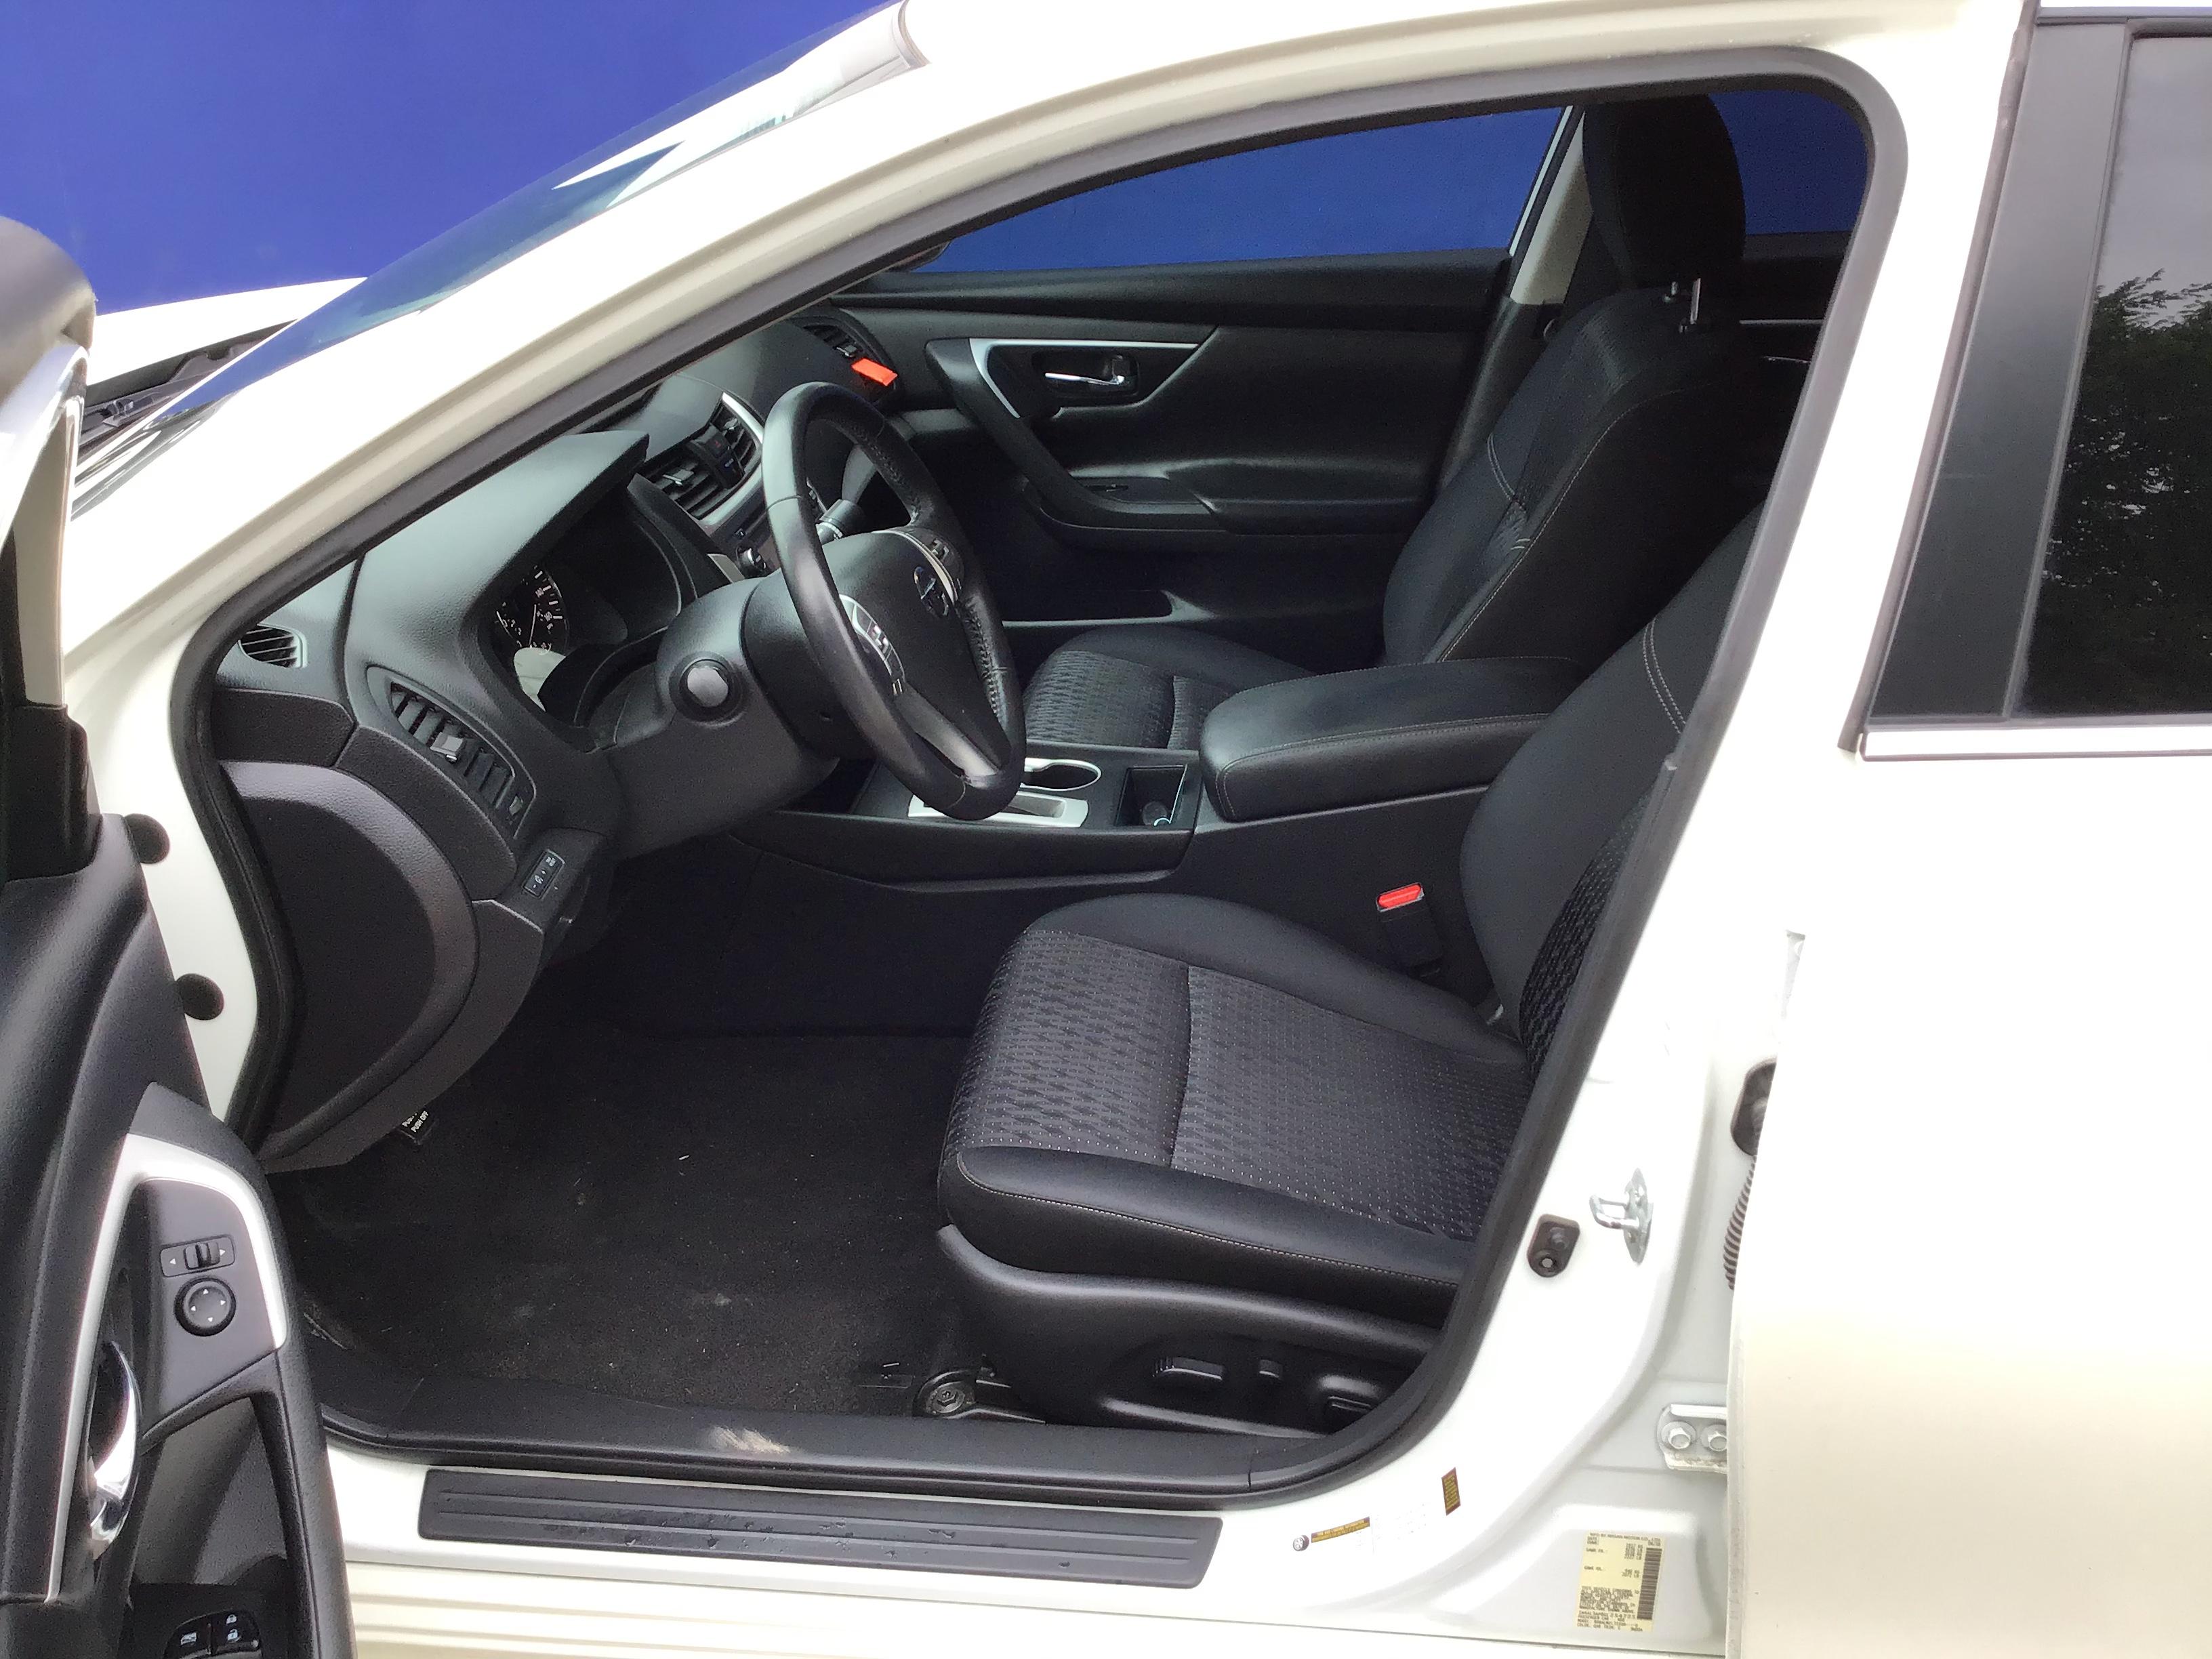 used vehicle - Sedan NISSAN ALTIMA 2016